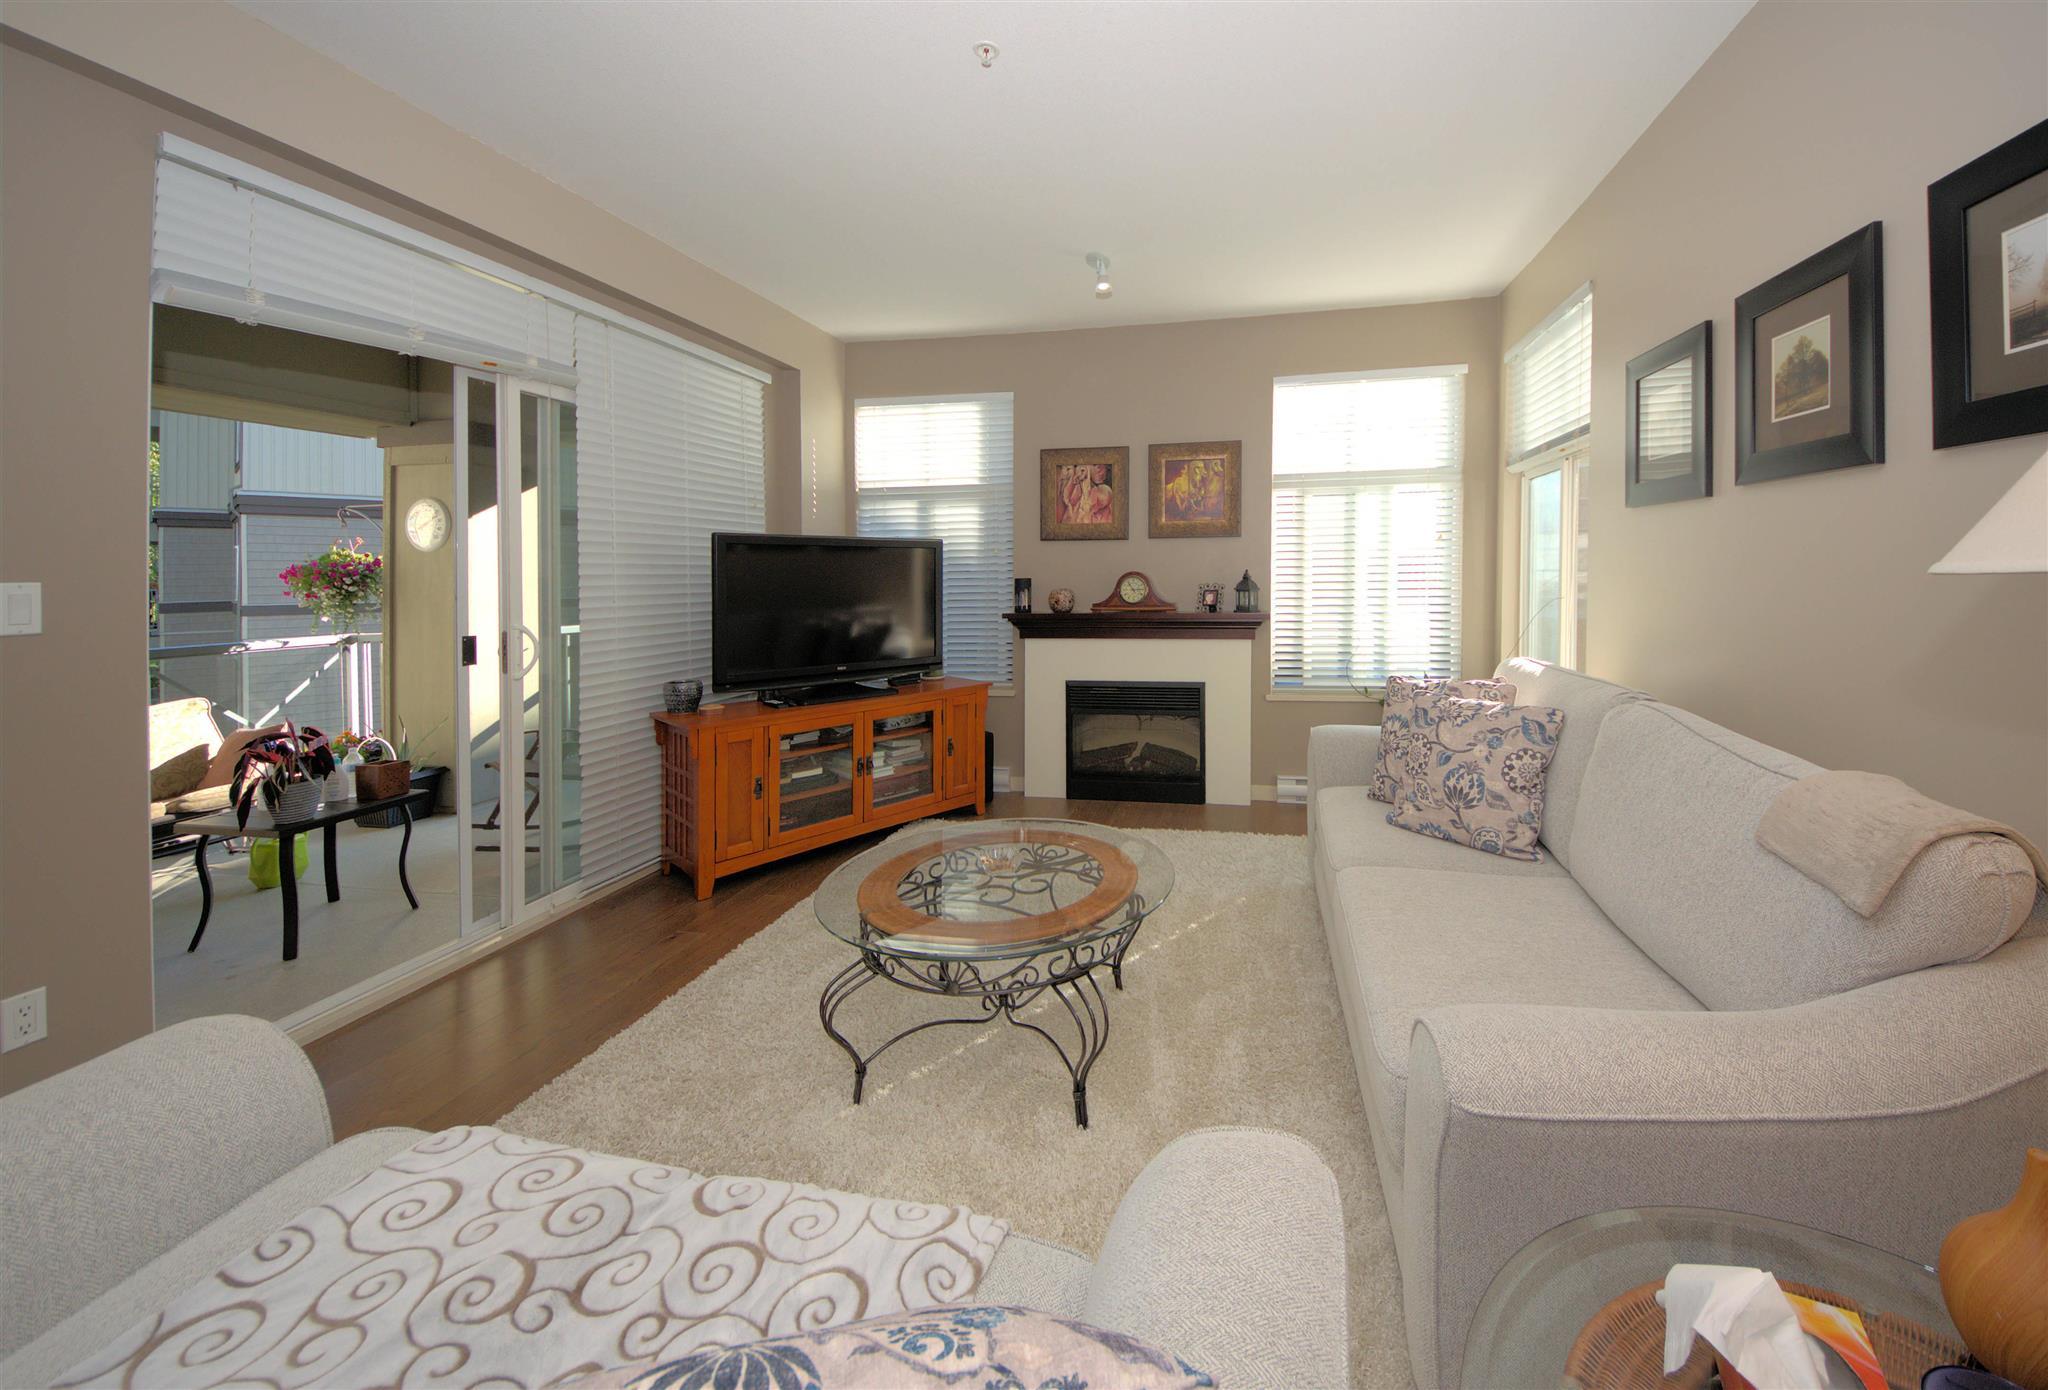 302 33328 E BOURQUIN CRESCENT - Central Abbotsford Apartment/Condo for sale, 2 Bedrooms (R2602873) - #1